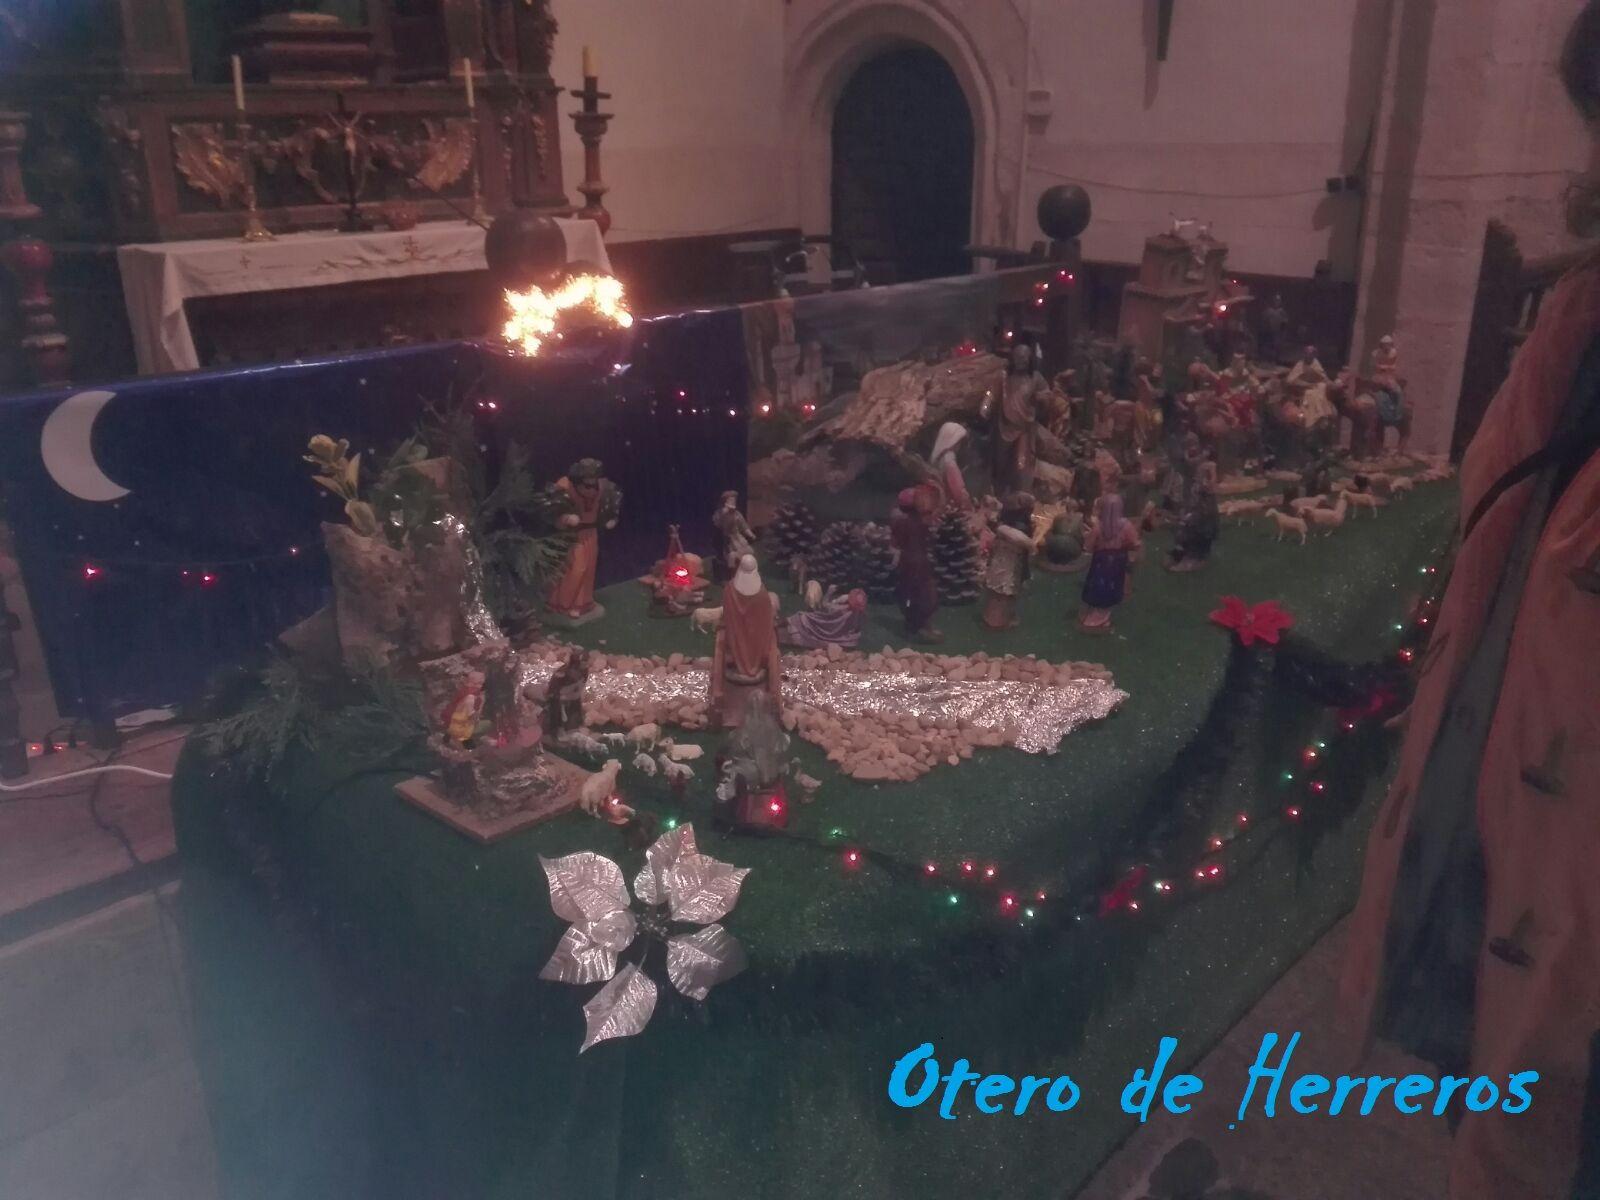 concierto de navidad caldo gallego 171216 (2)